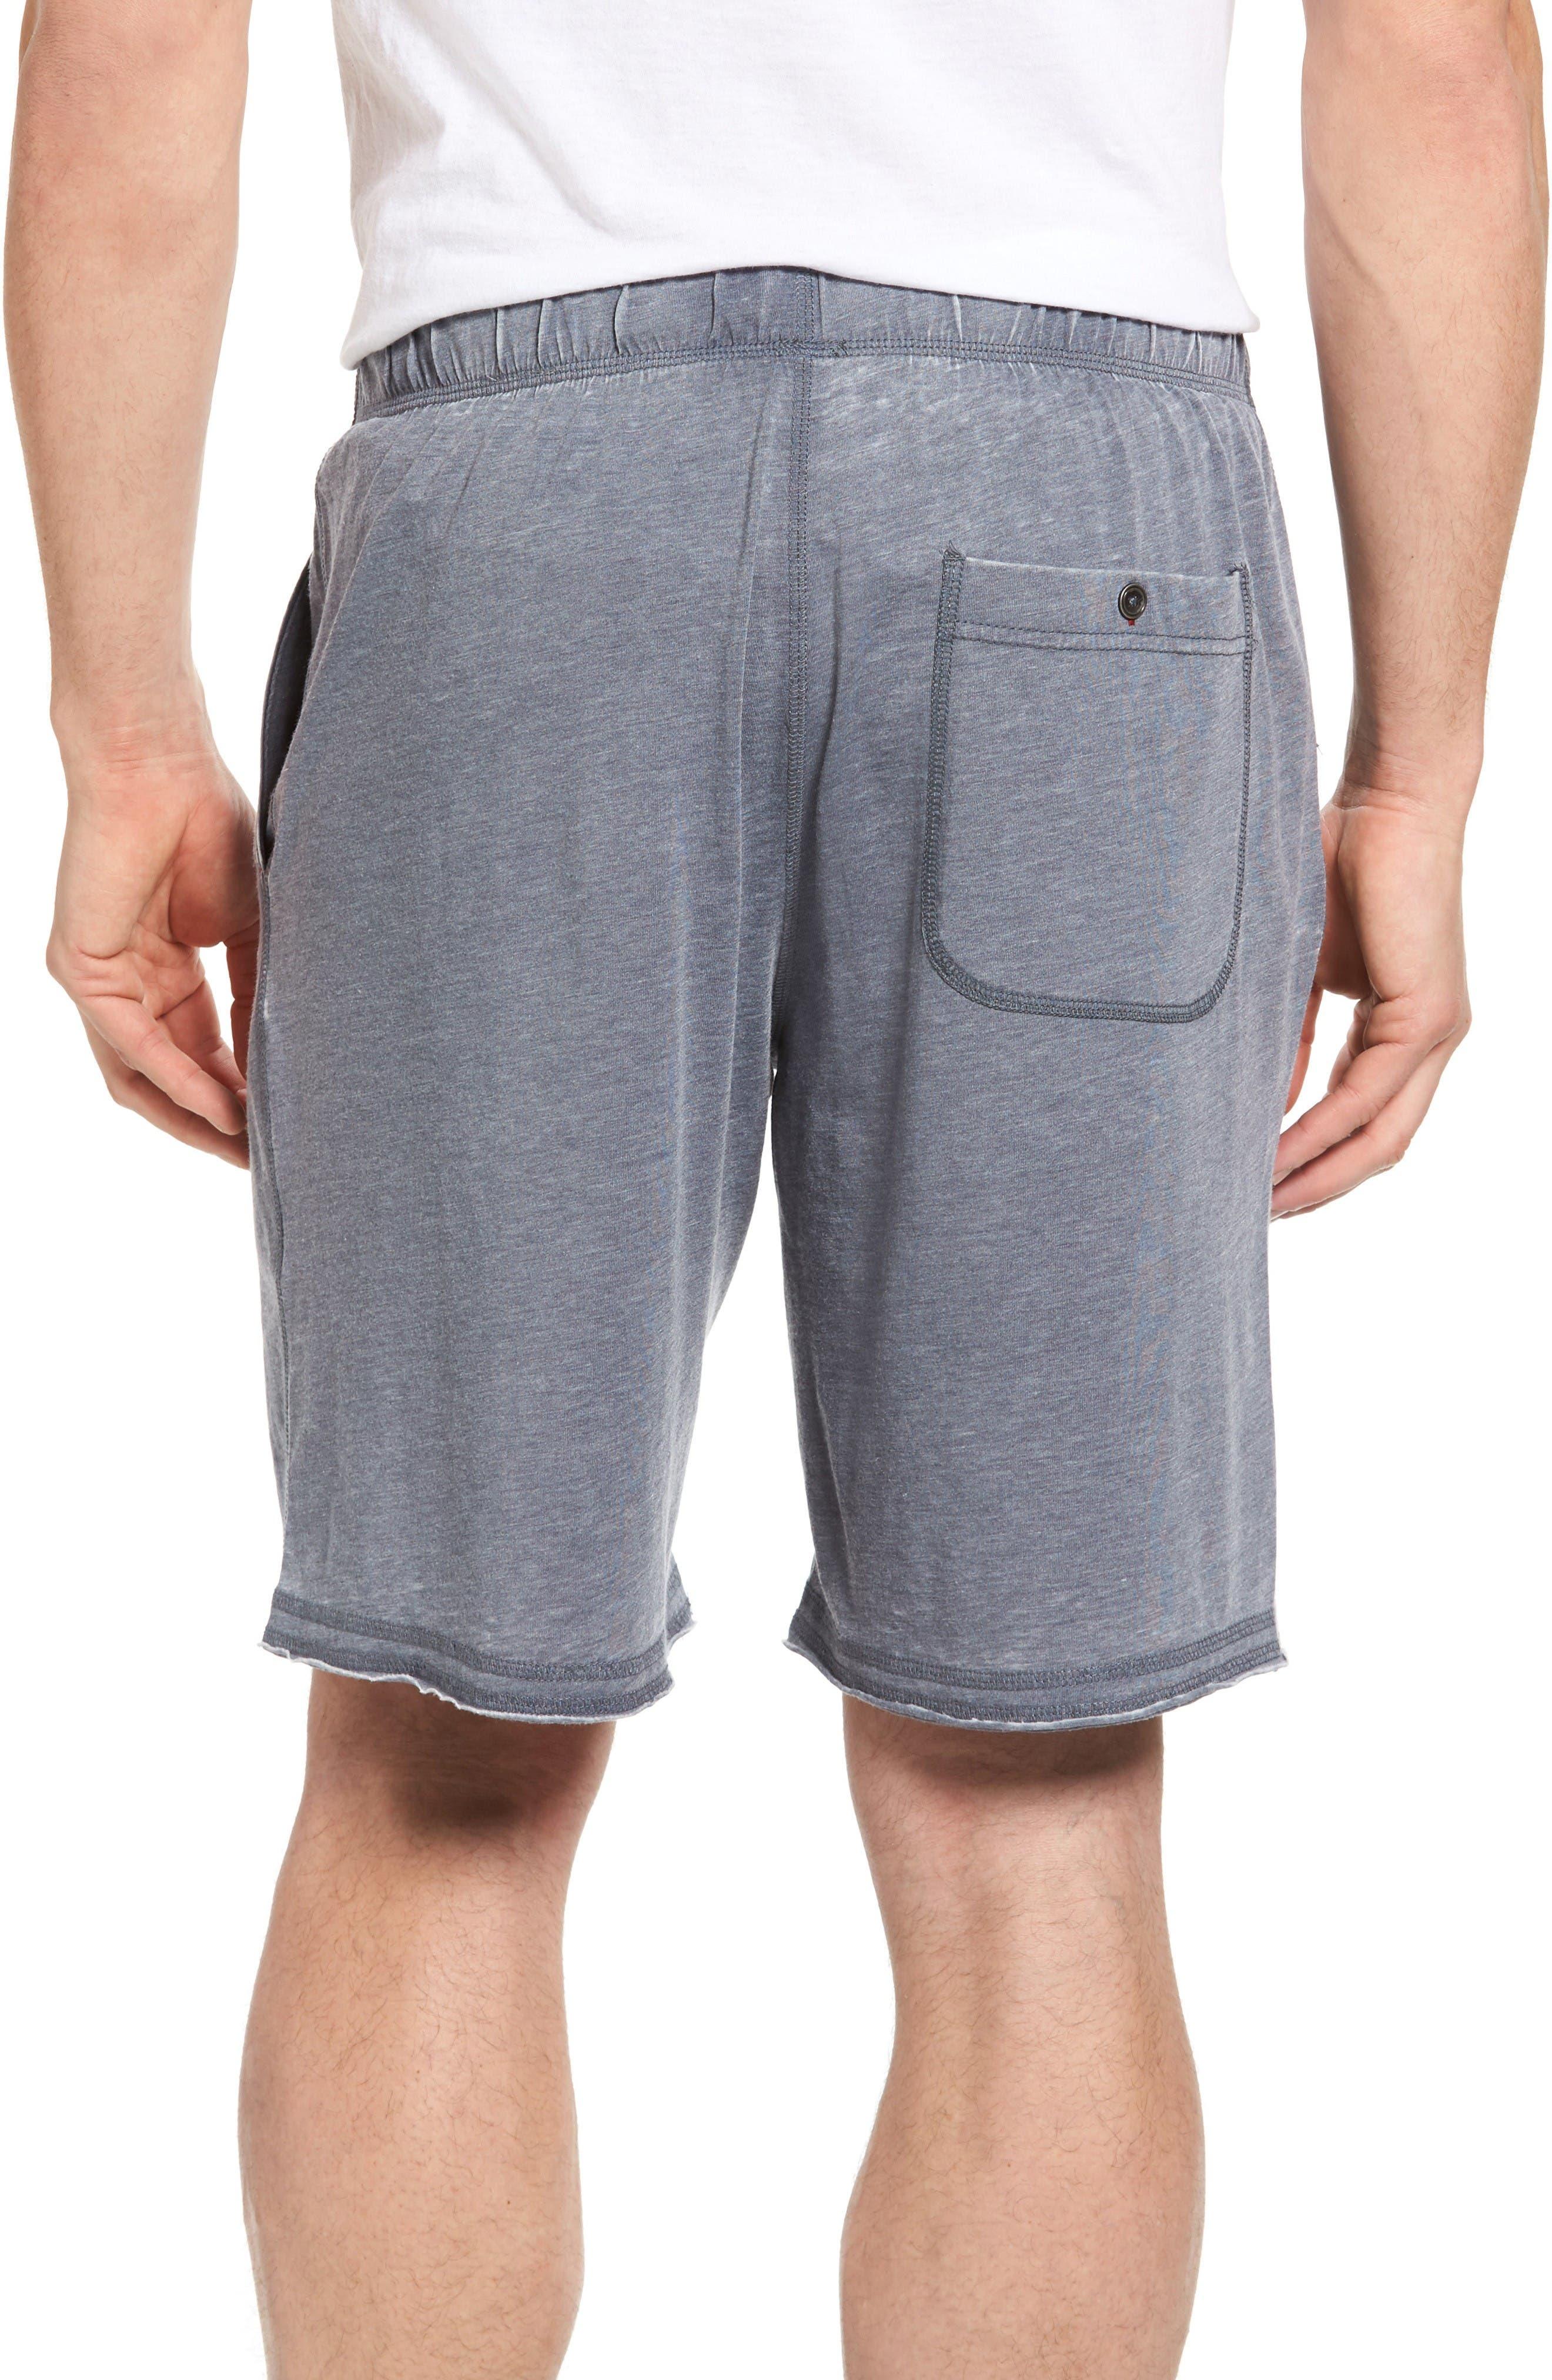 Burnout Lounge Shorts,                             Alternate thumbnail 2, color,                             Charcoal